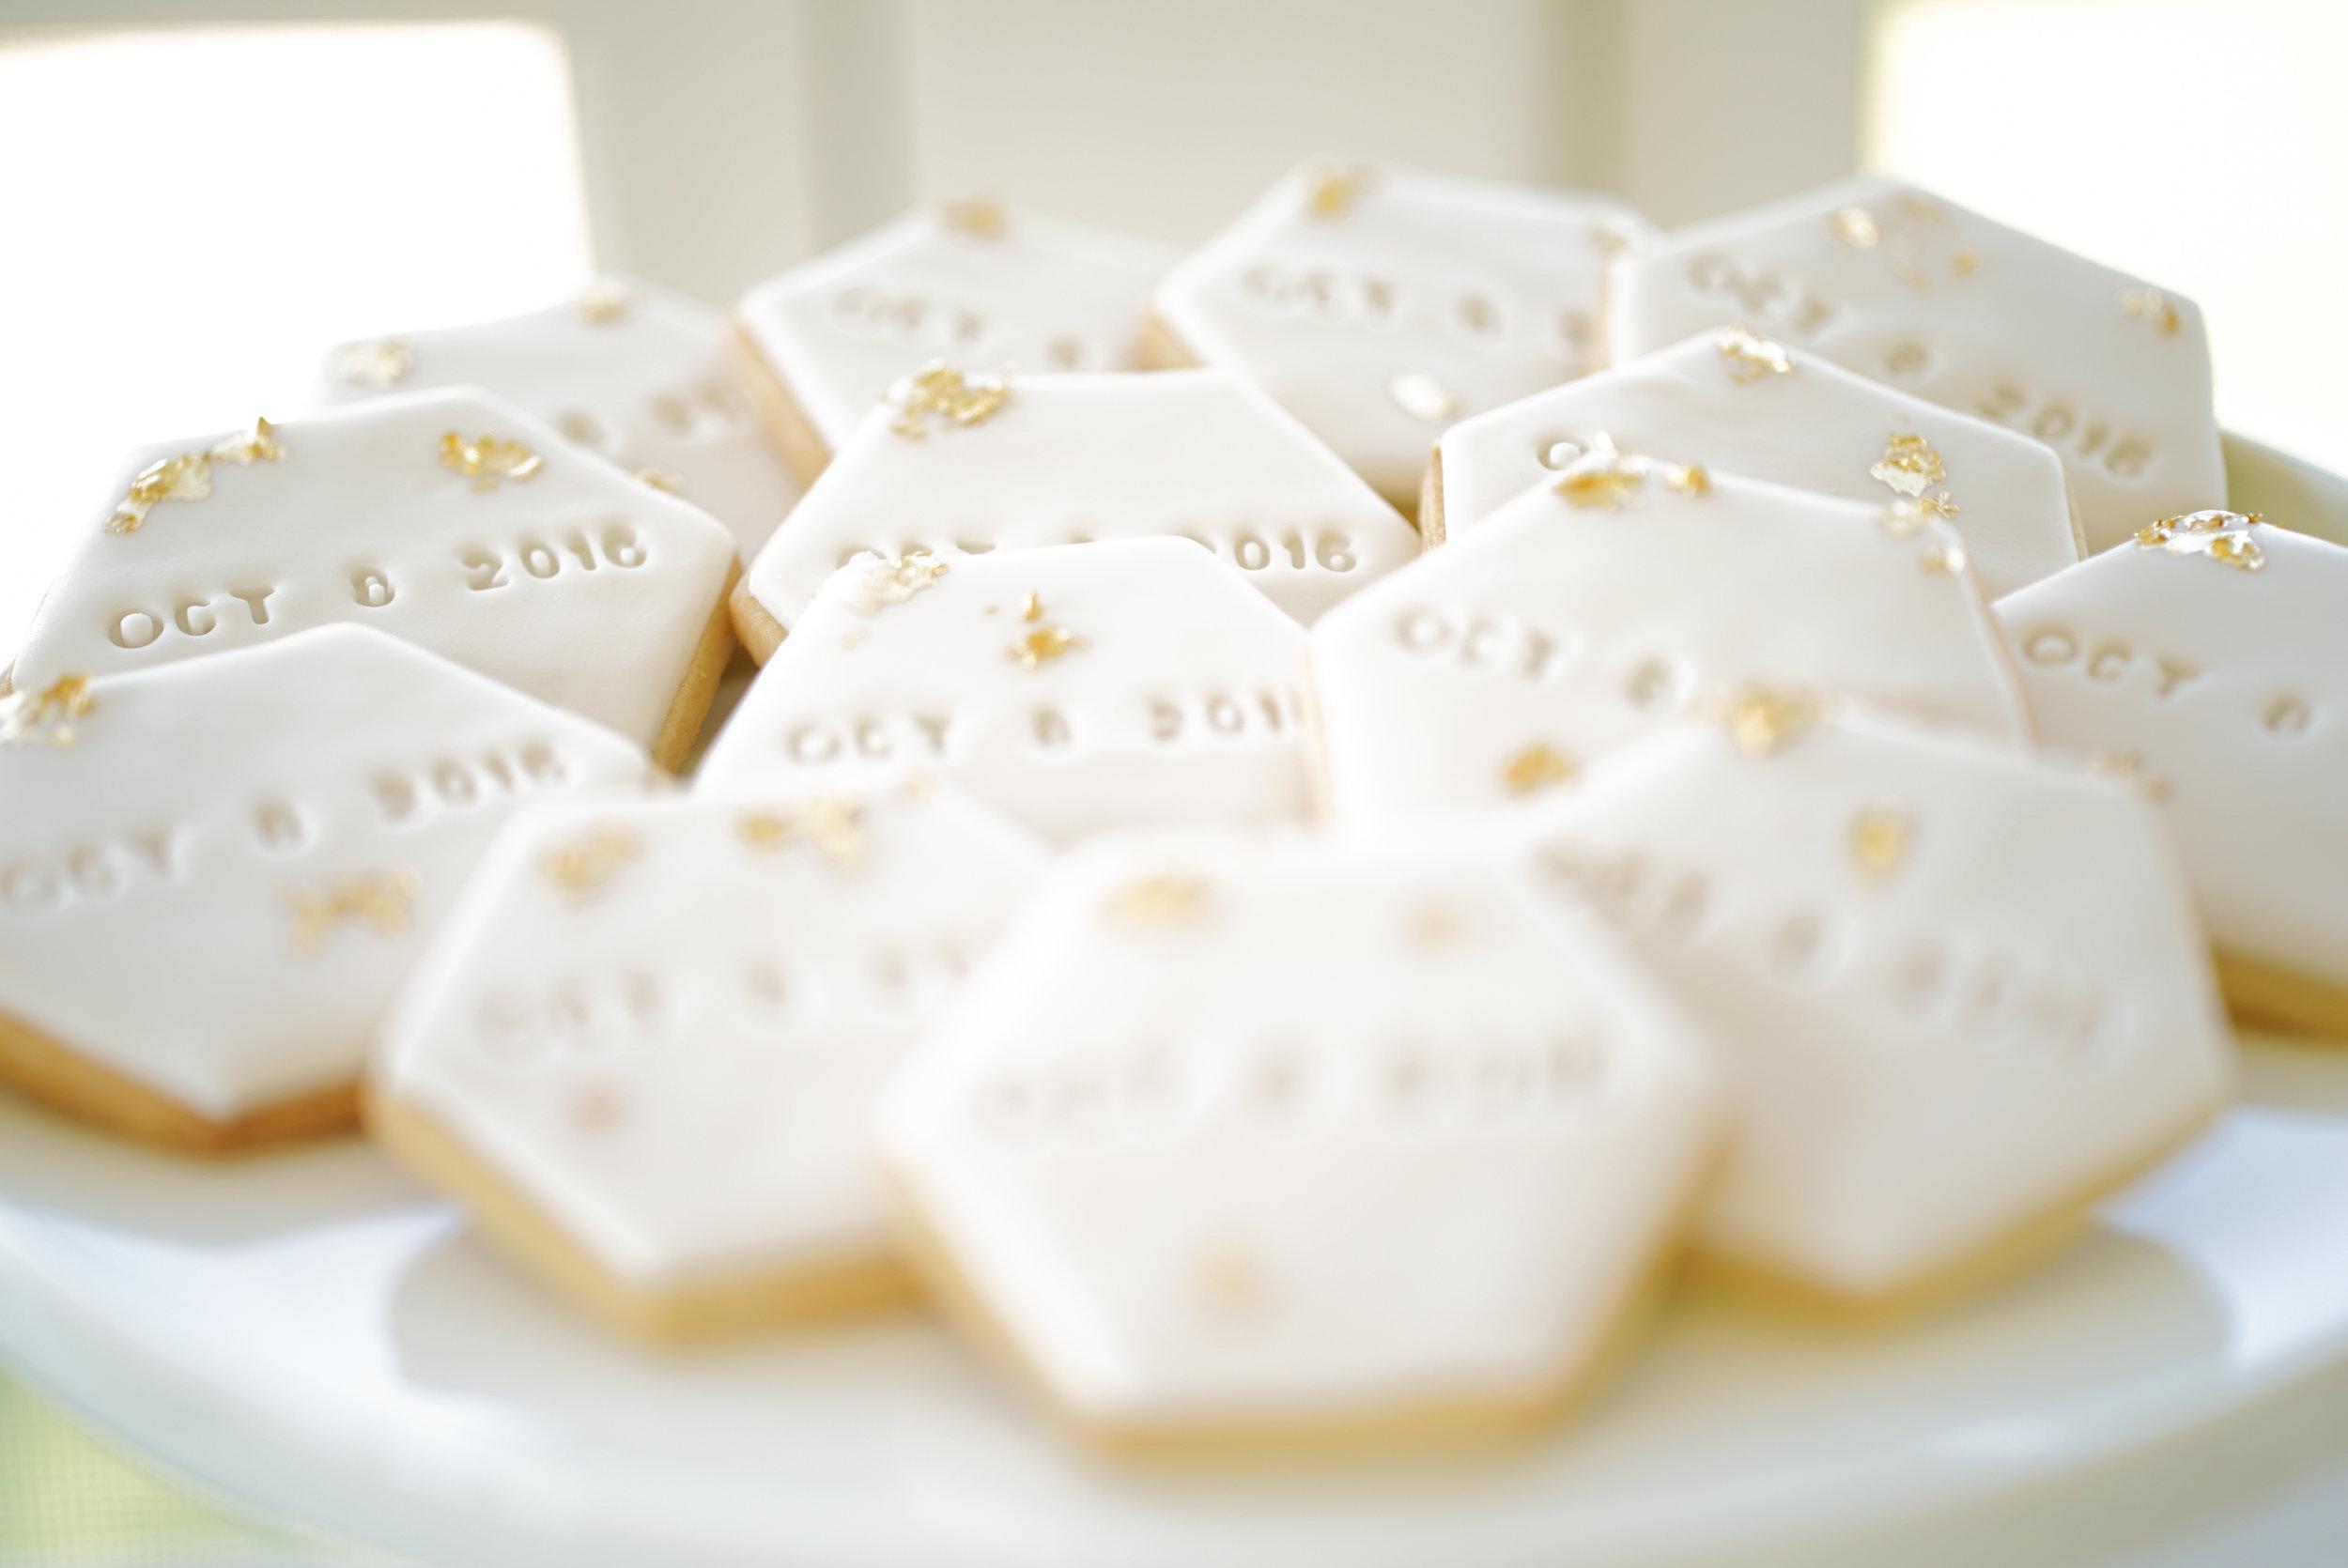 Hemsley 10.2.16 Minikhada Wedding date Cookie (1 of 1).jpg